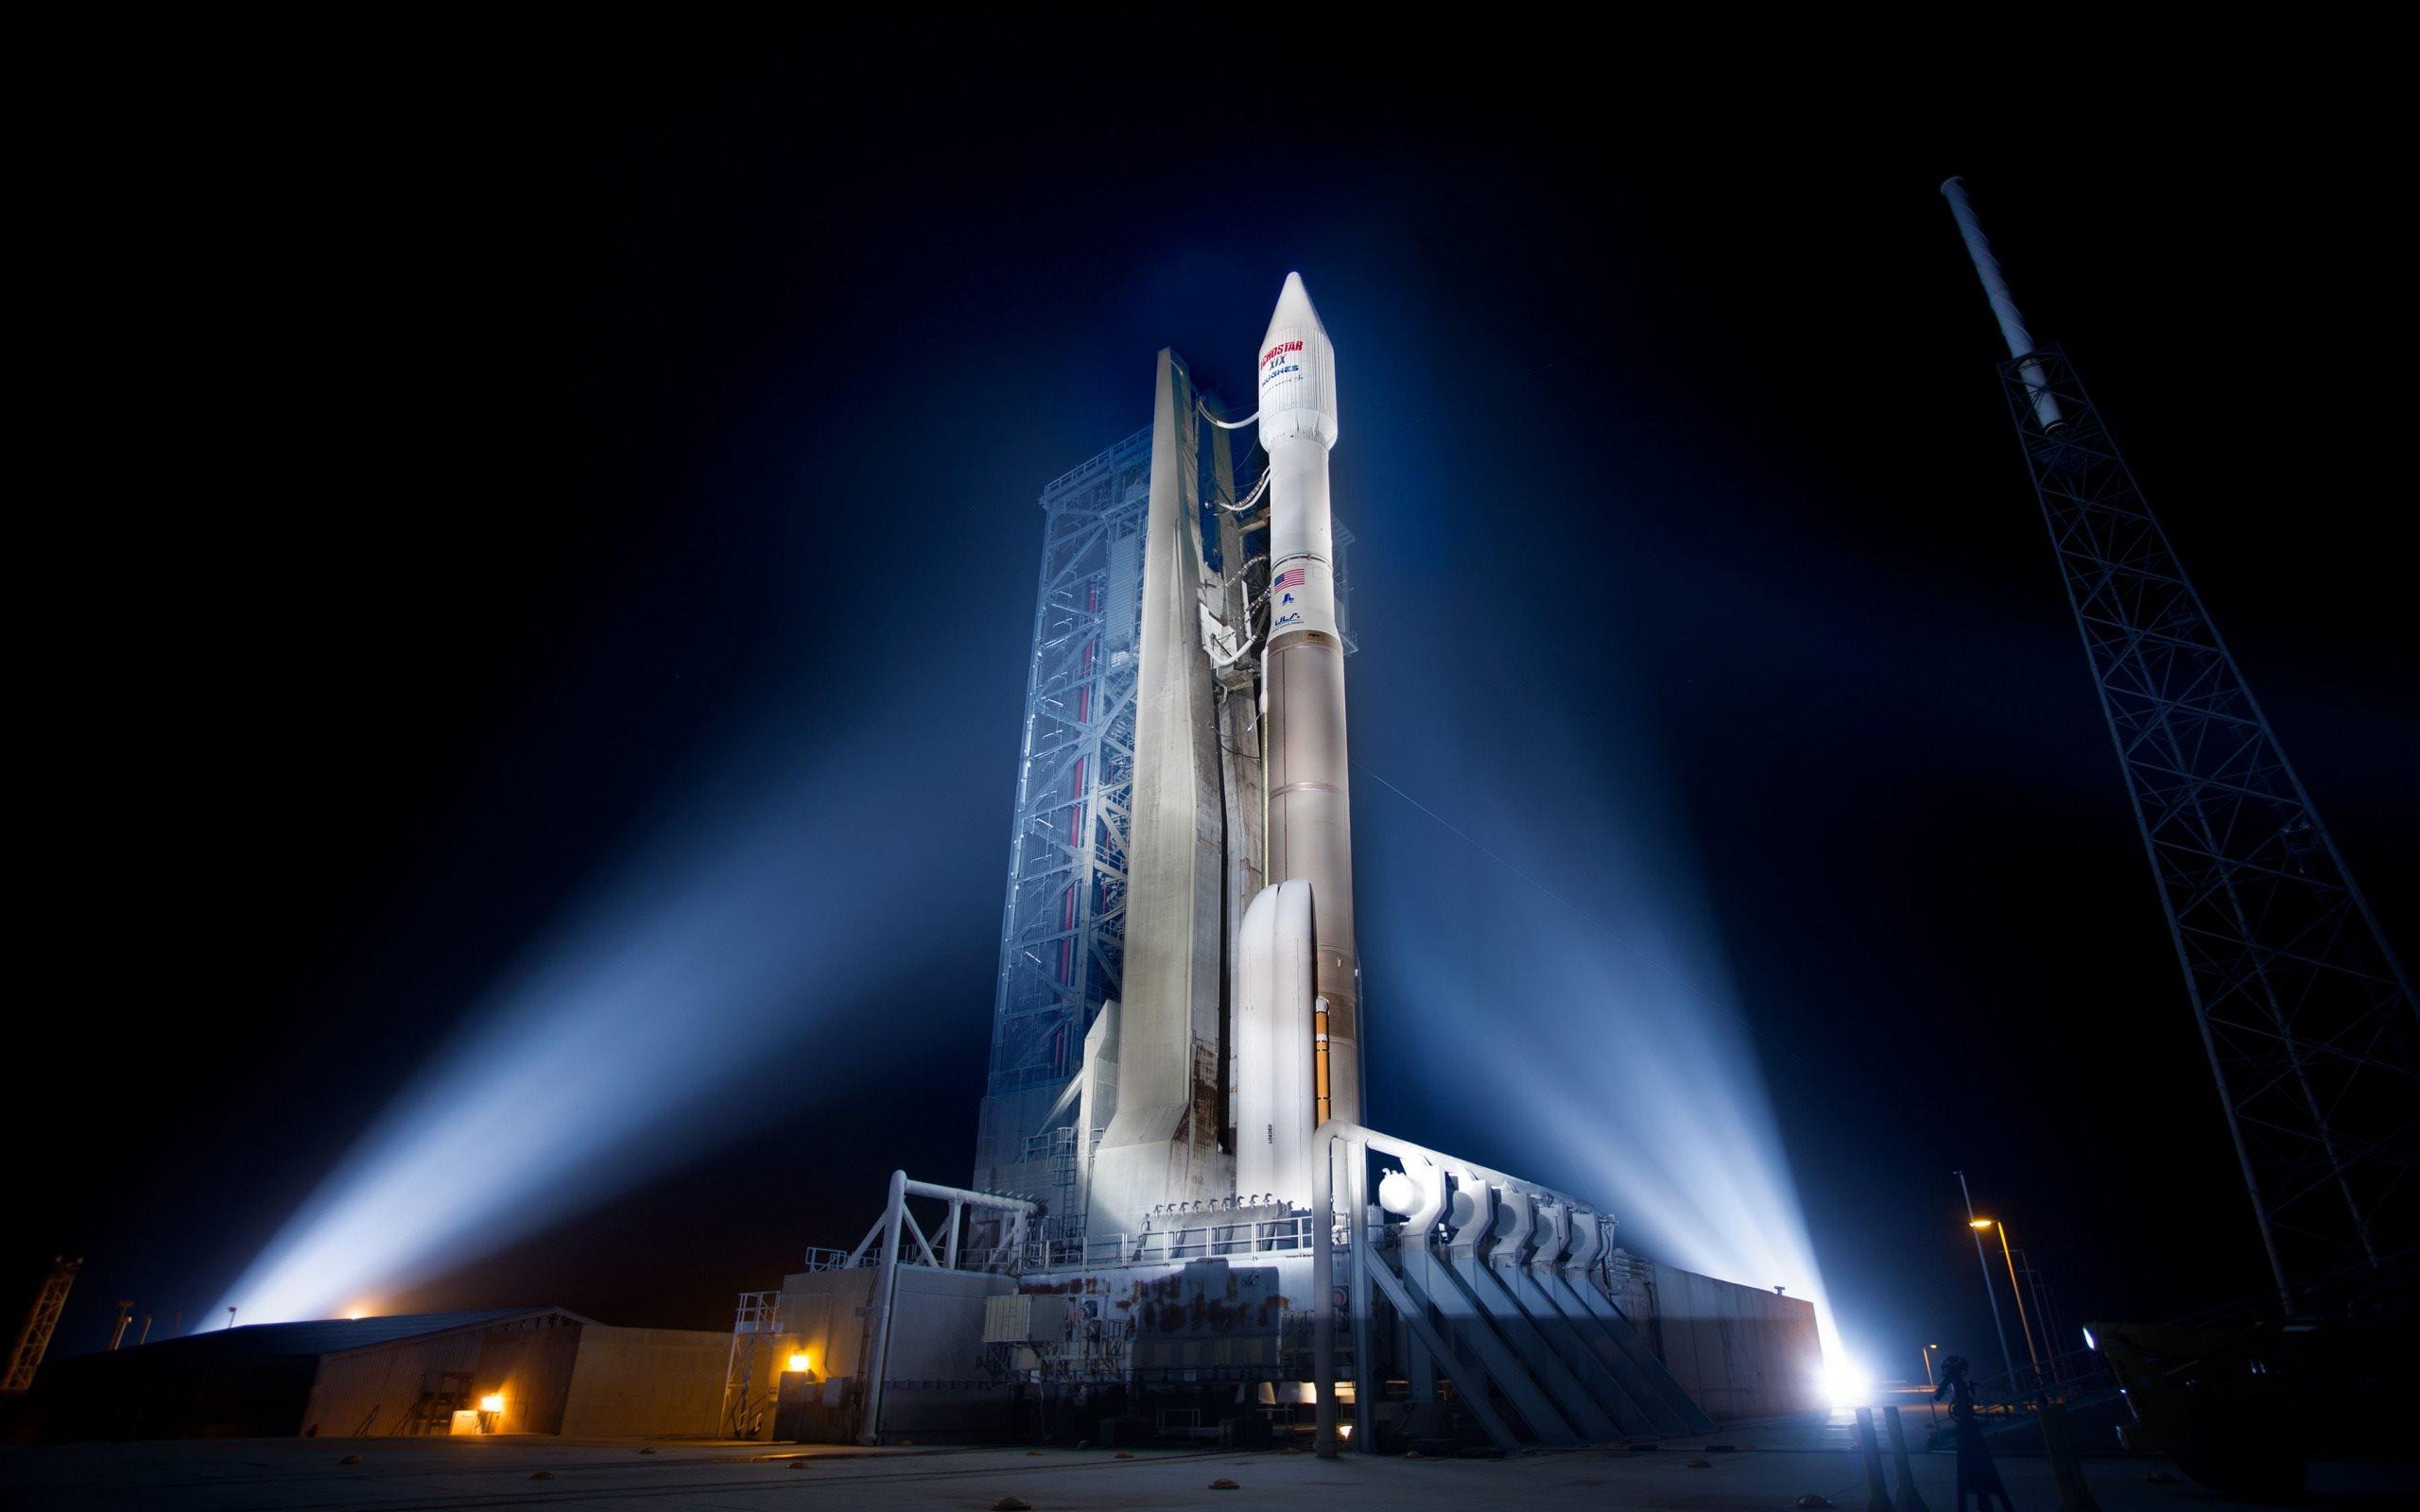 Грузовой корабль Cygnus отправится к МКС не раньше 18 апреля